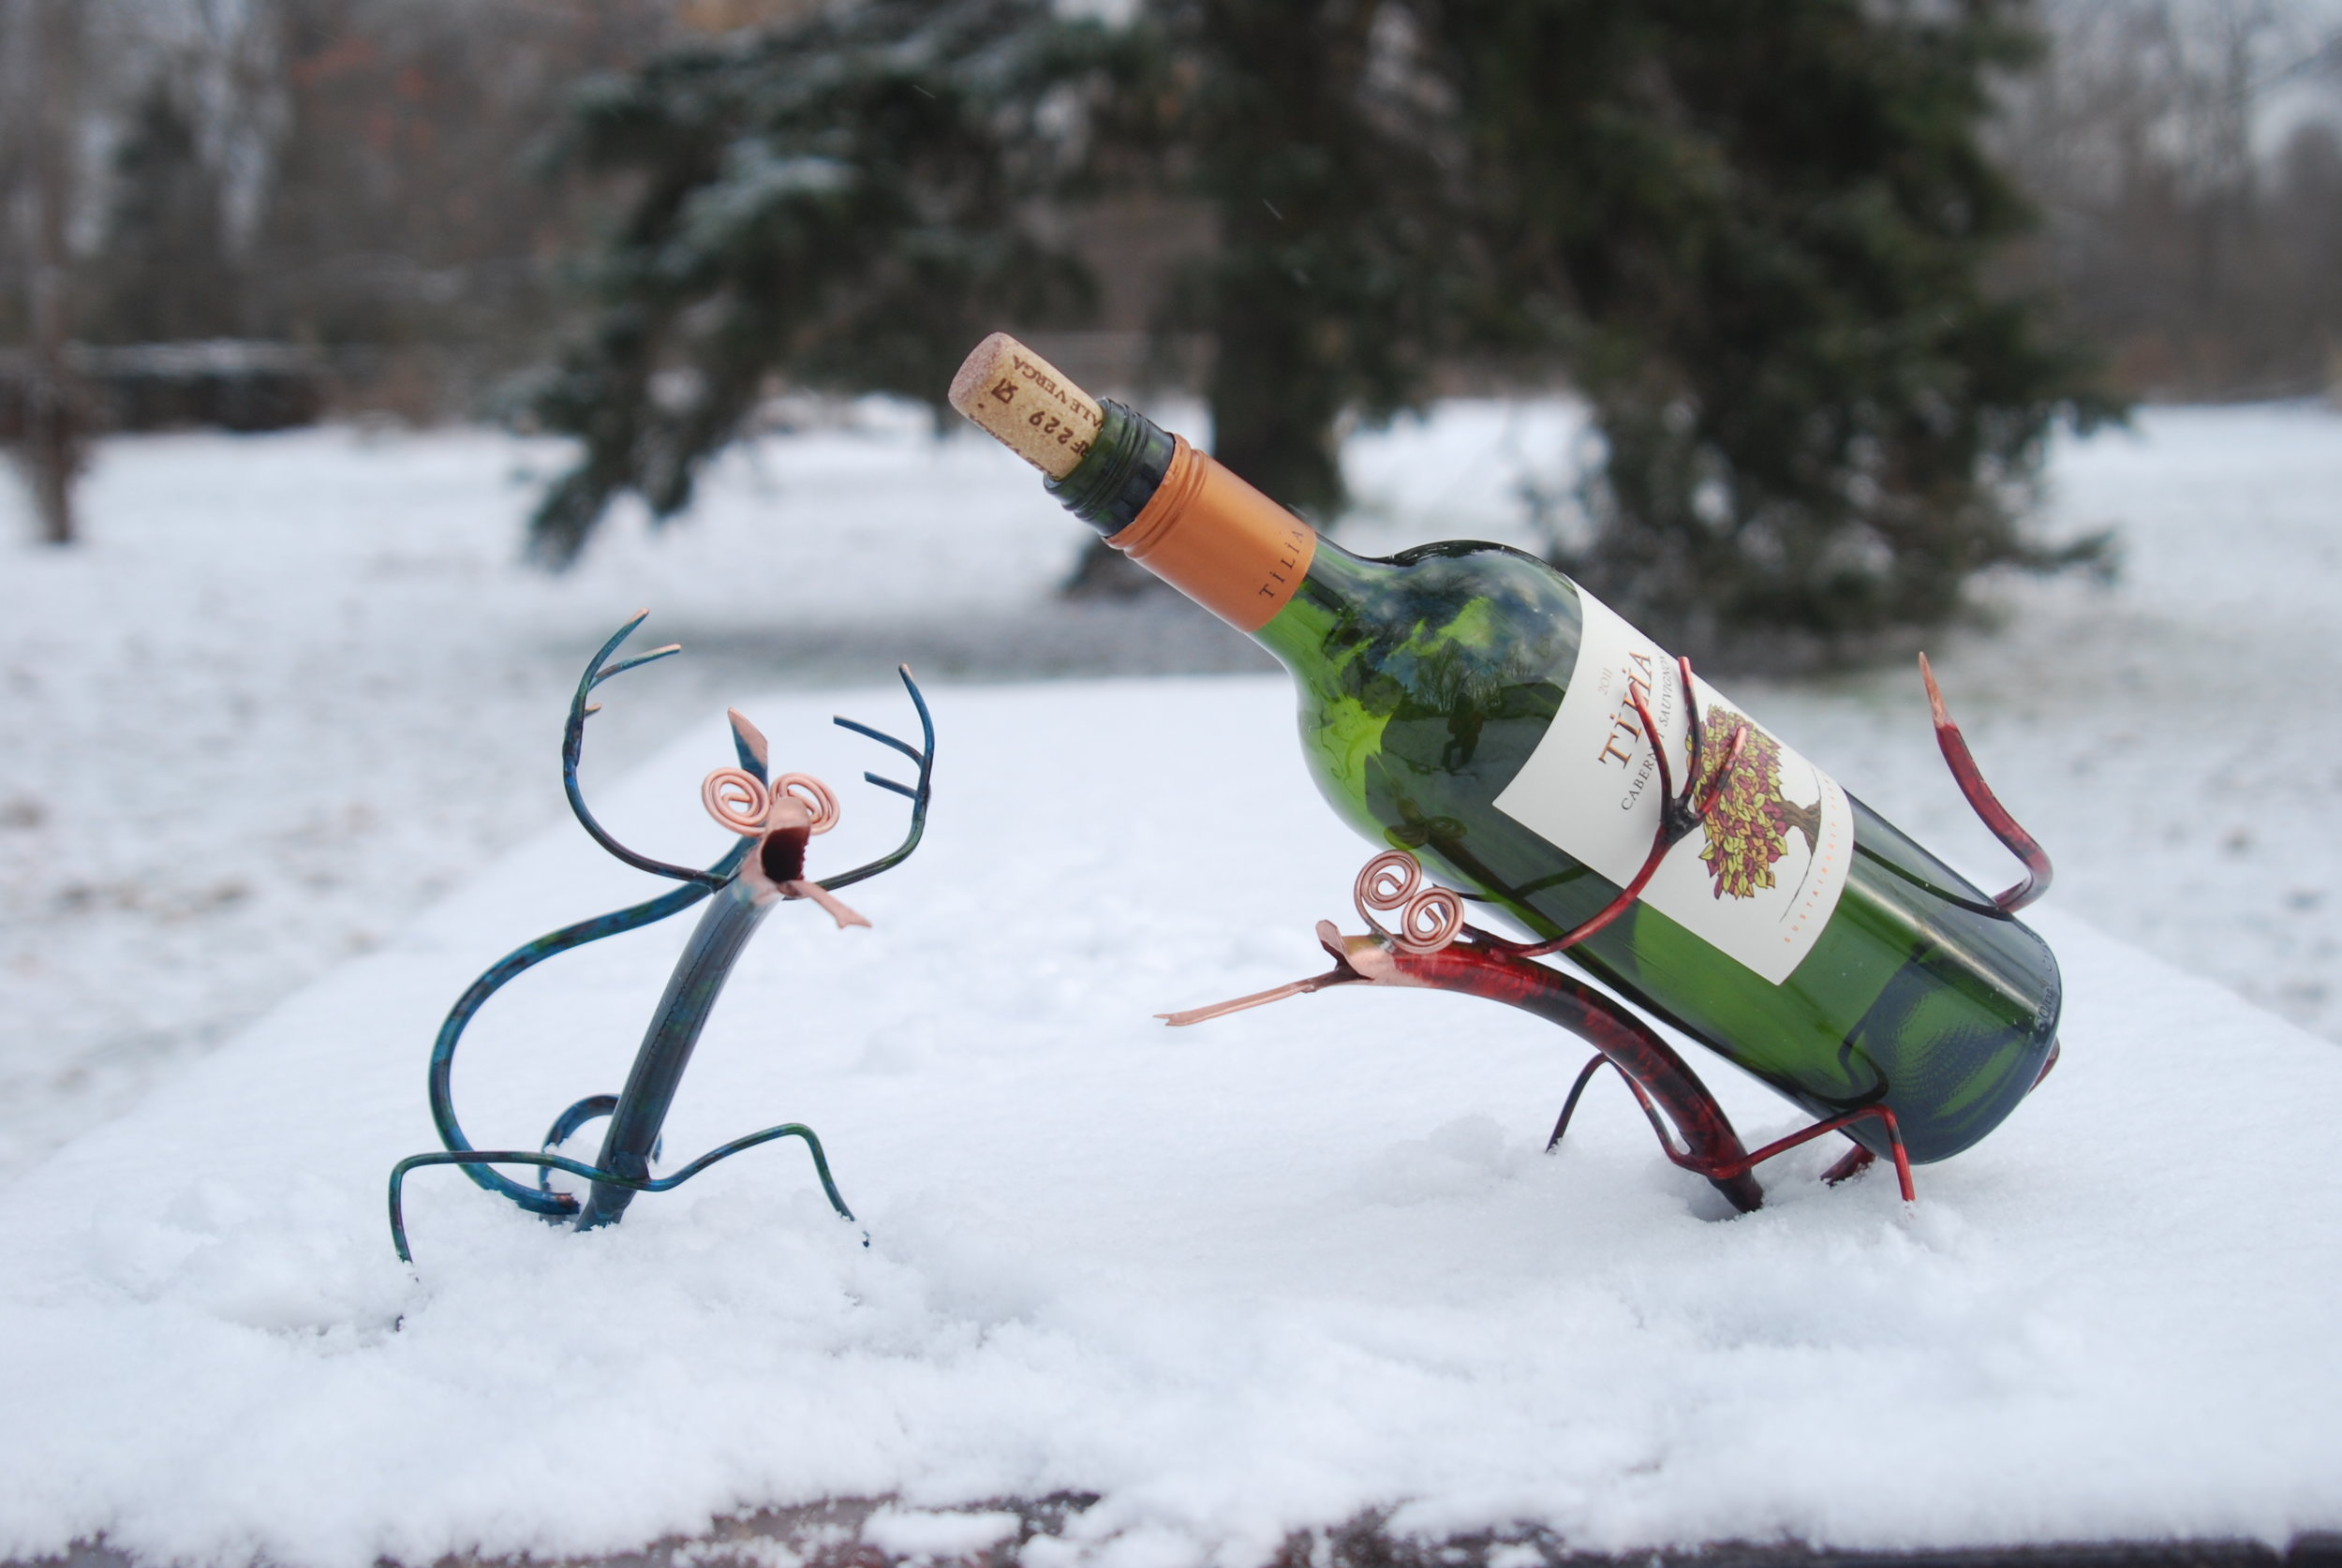 Lizard wine holders